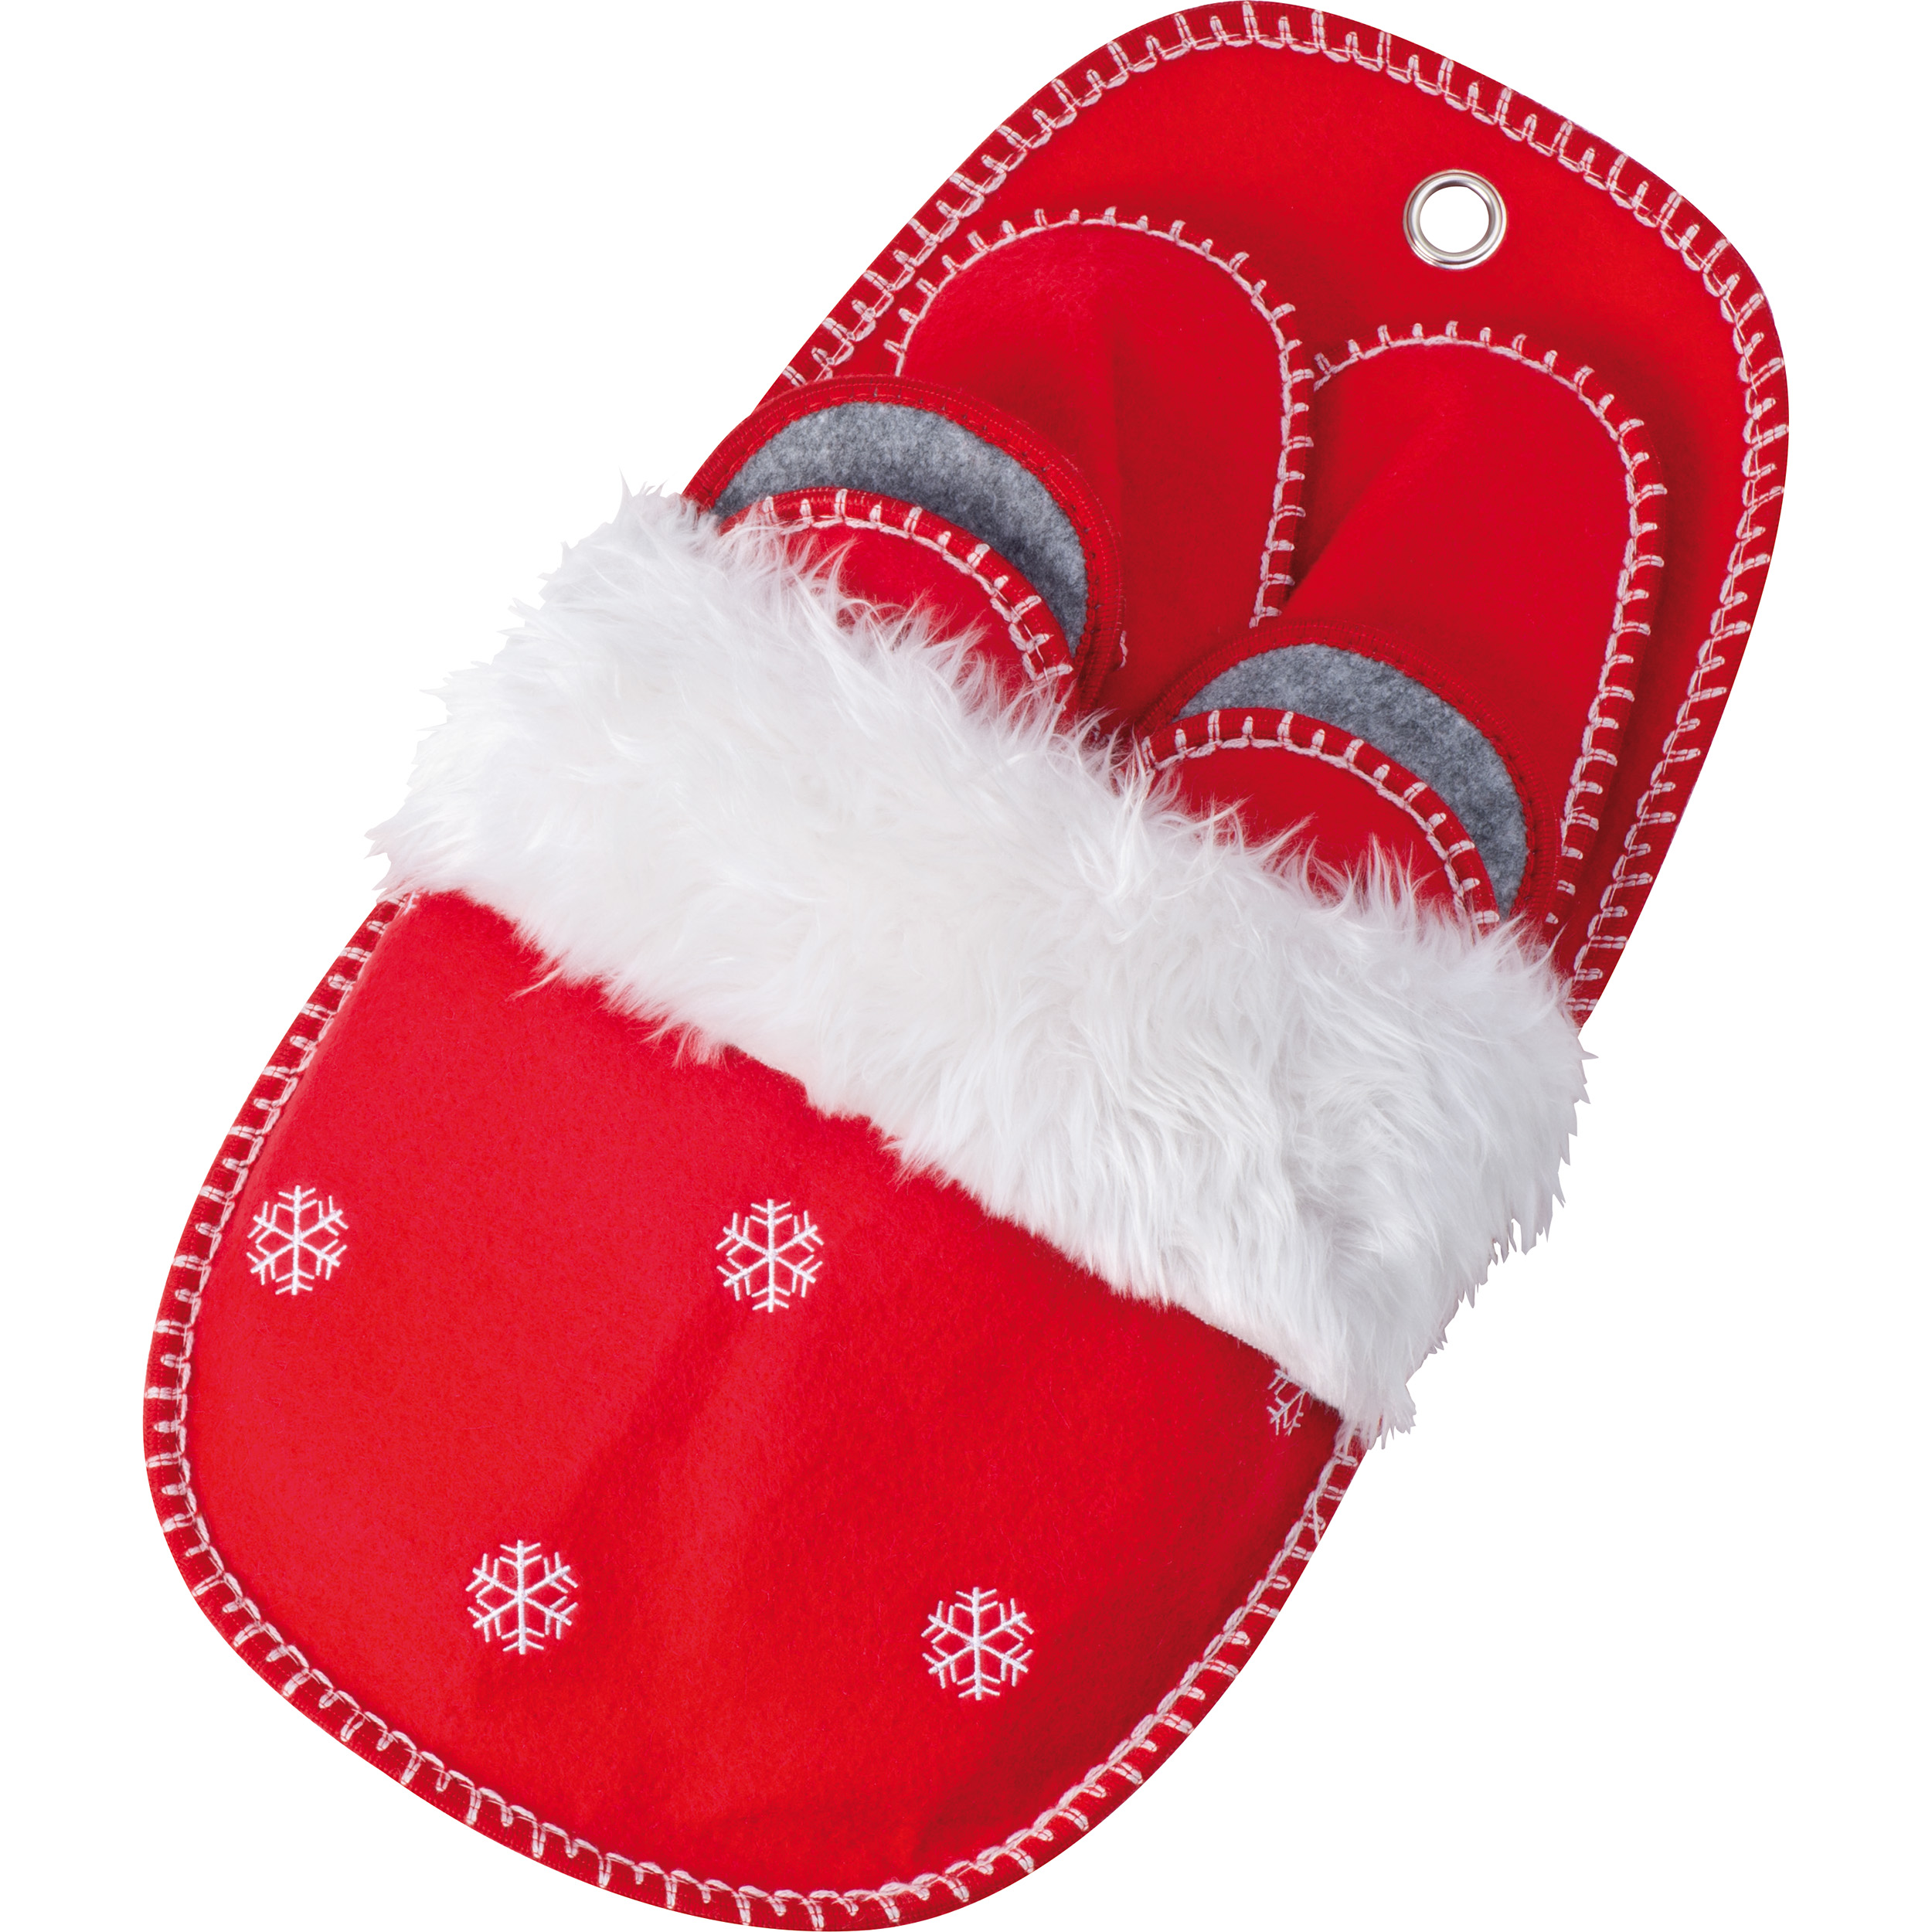 Weihnachtspantoffeln